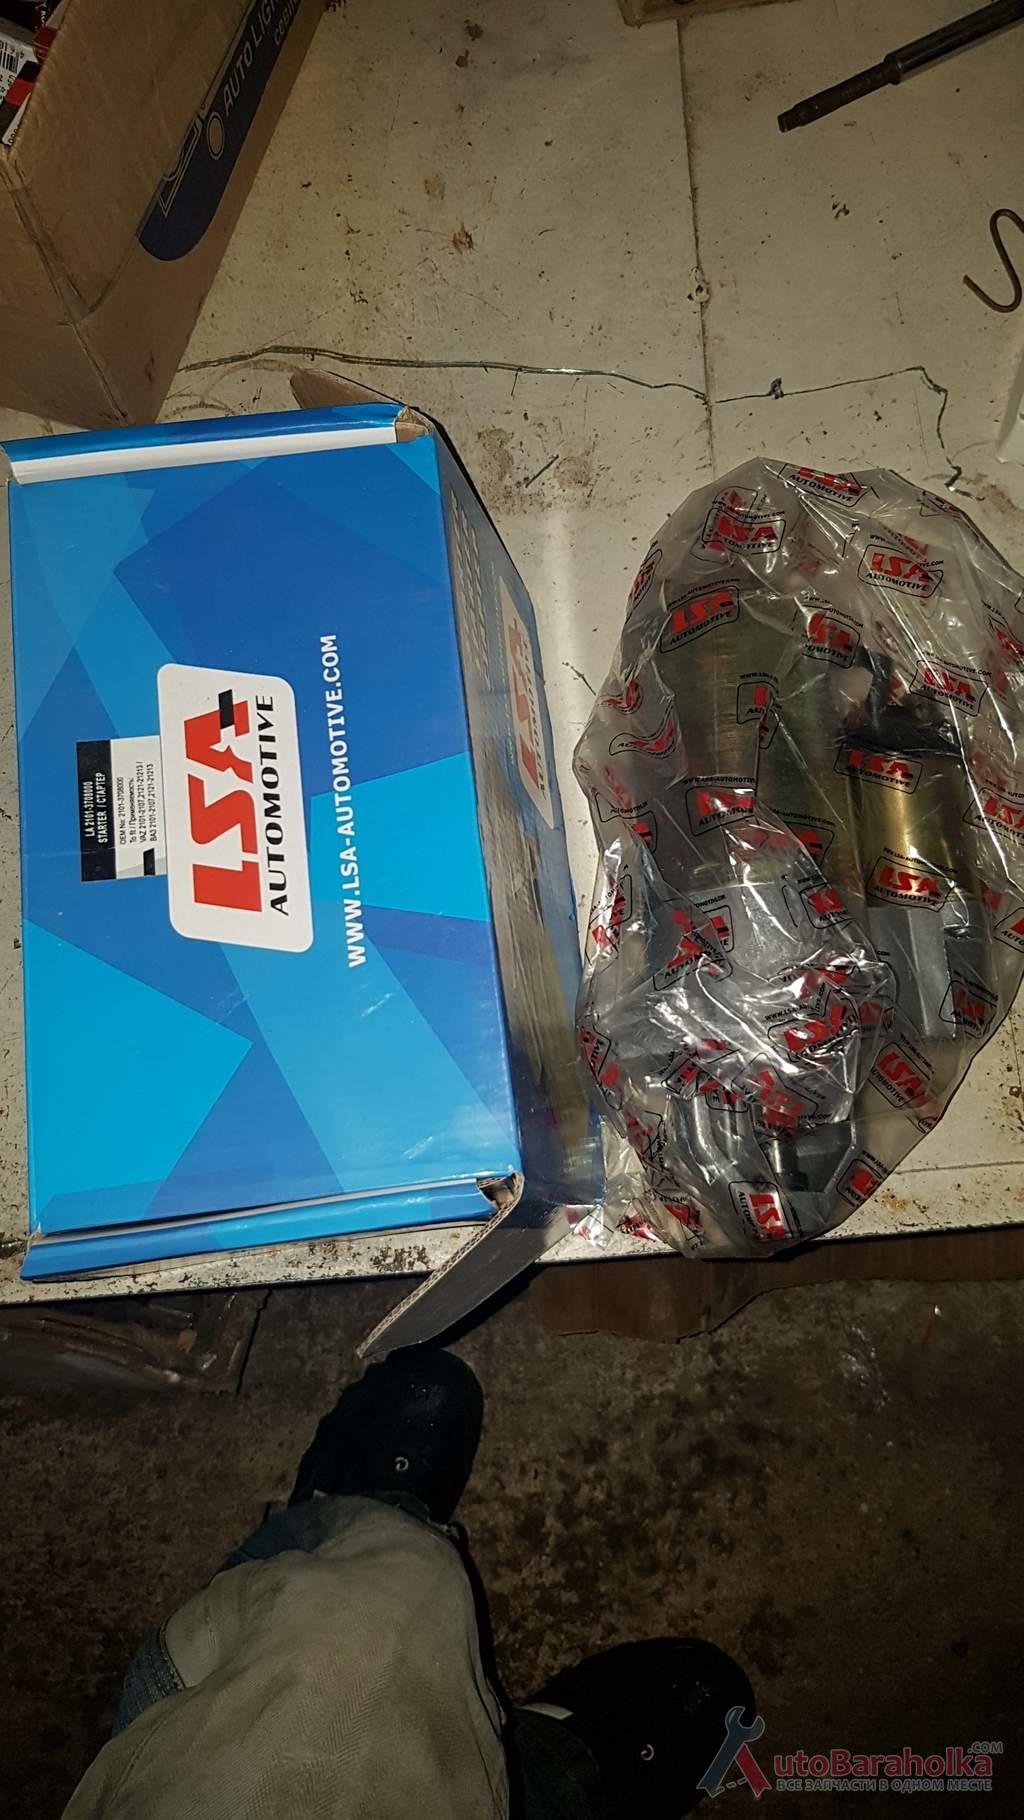 Продам Стартер ВАЗ 2101 2103 2105 2106 2107 2121 21213 новые LSA Чехия редукторный. отличное качество Херсон